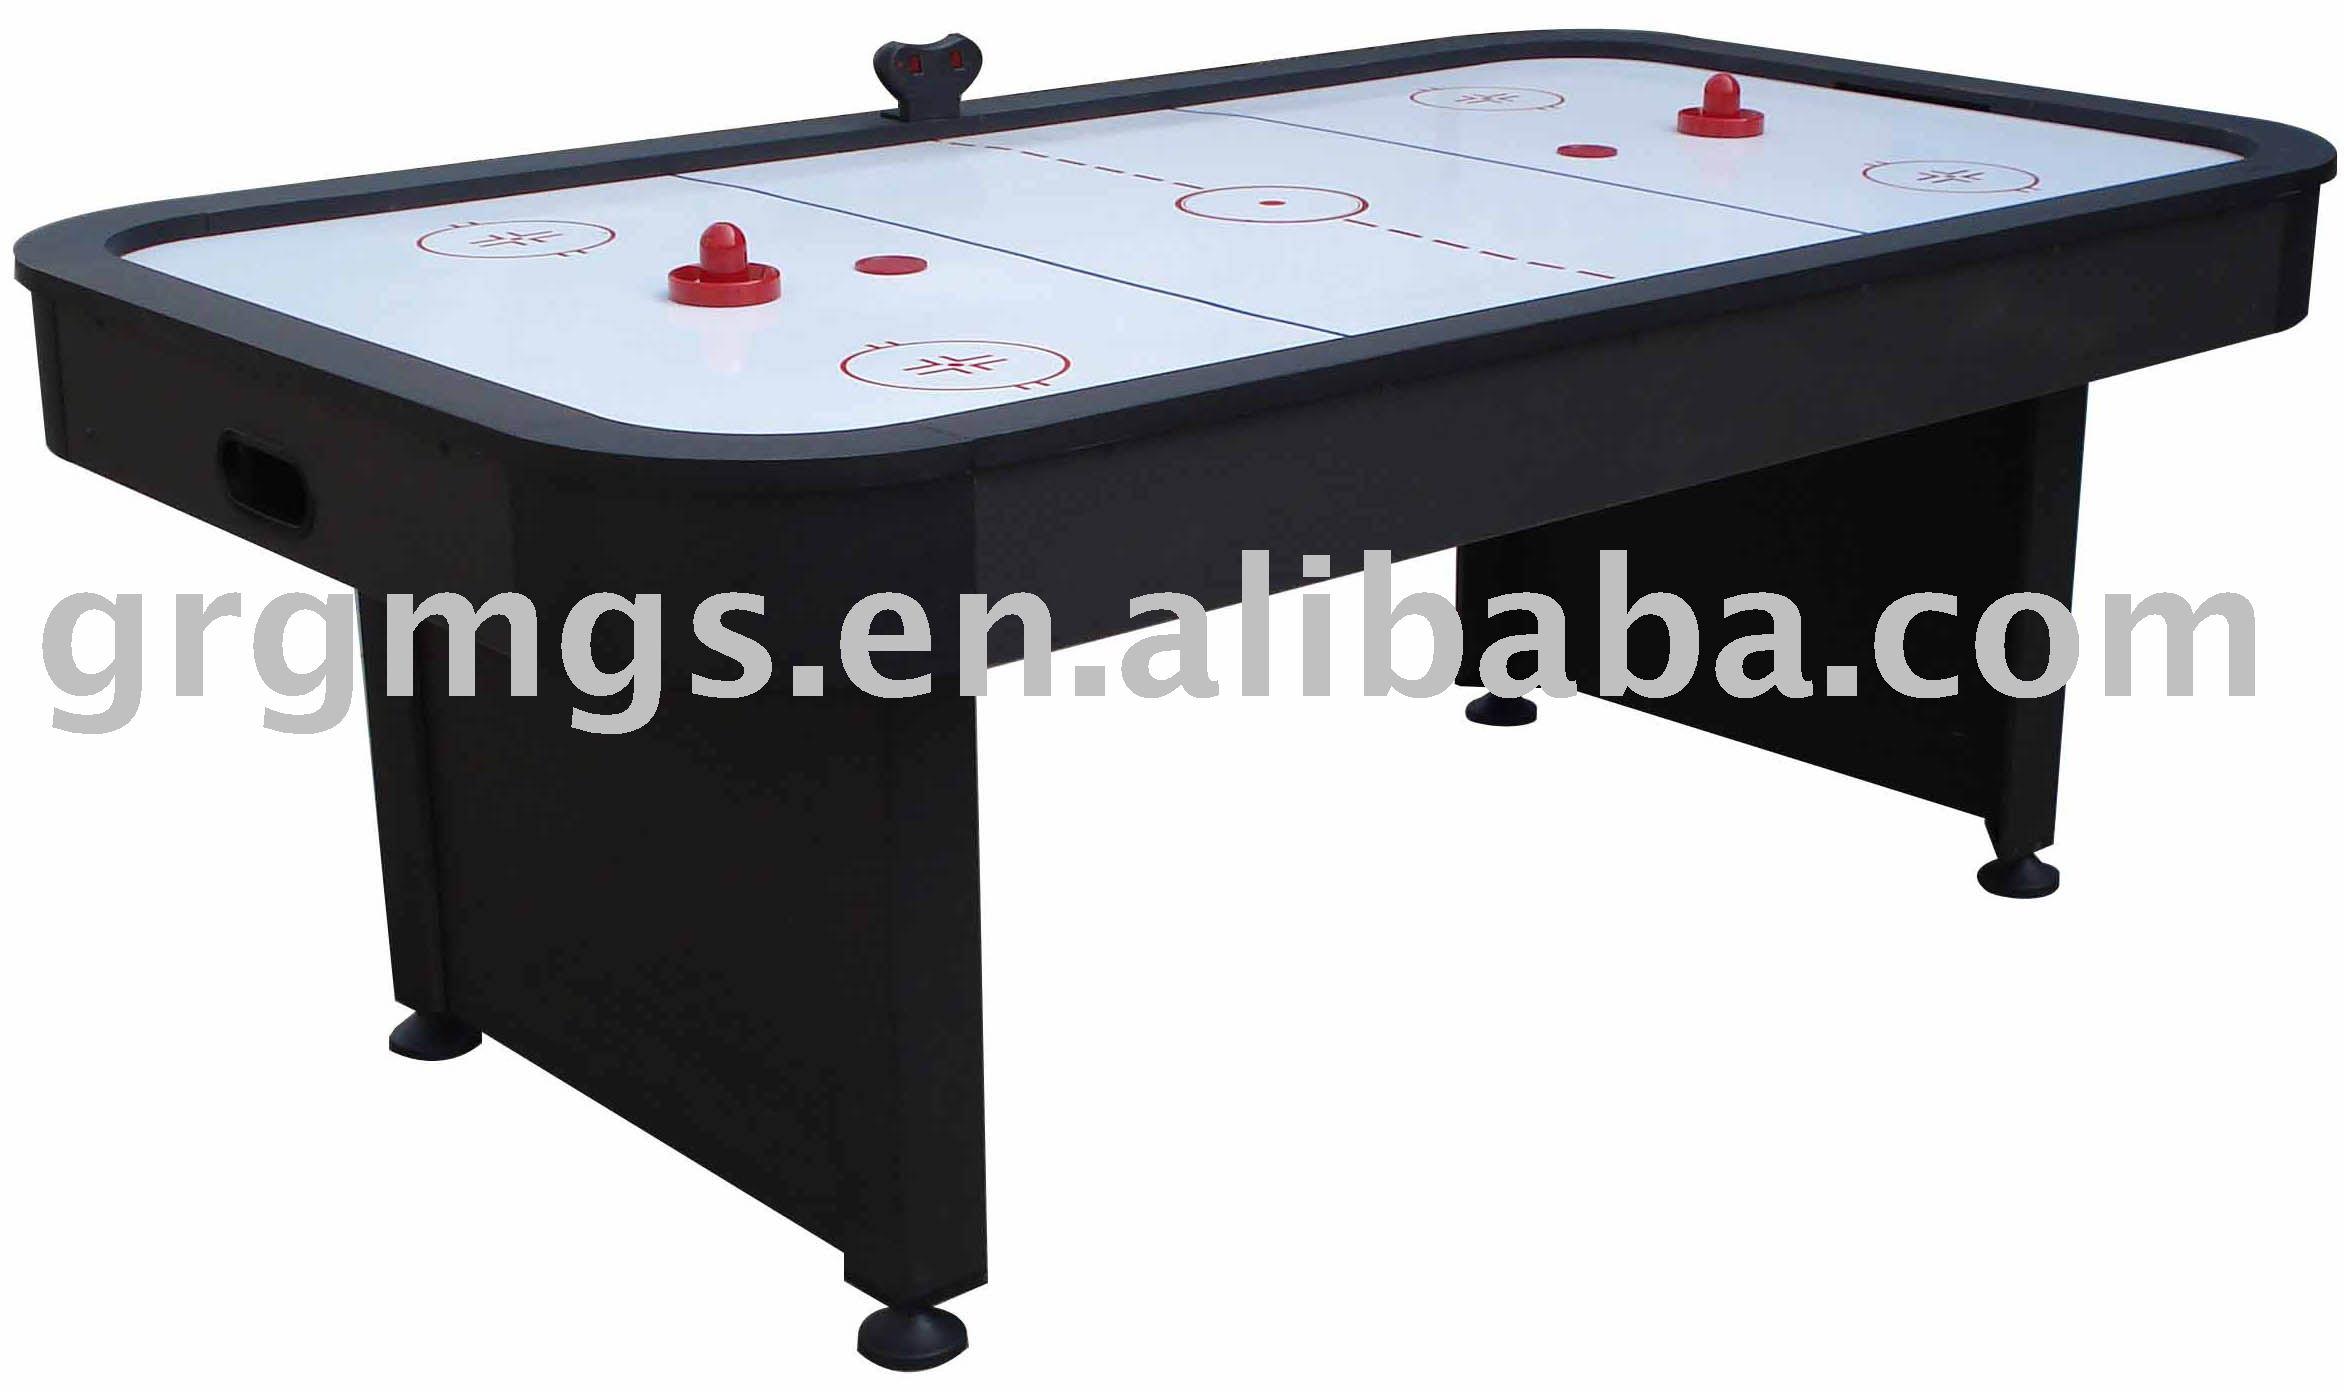 Juegos de mesa que estimulan habilidades buscar empleo - Mesa de hockey de aire ...